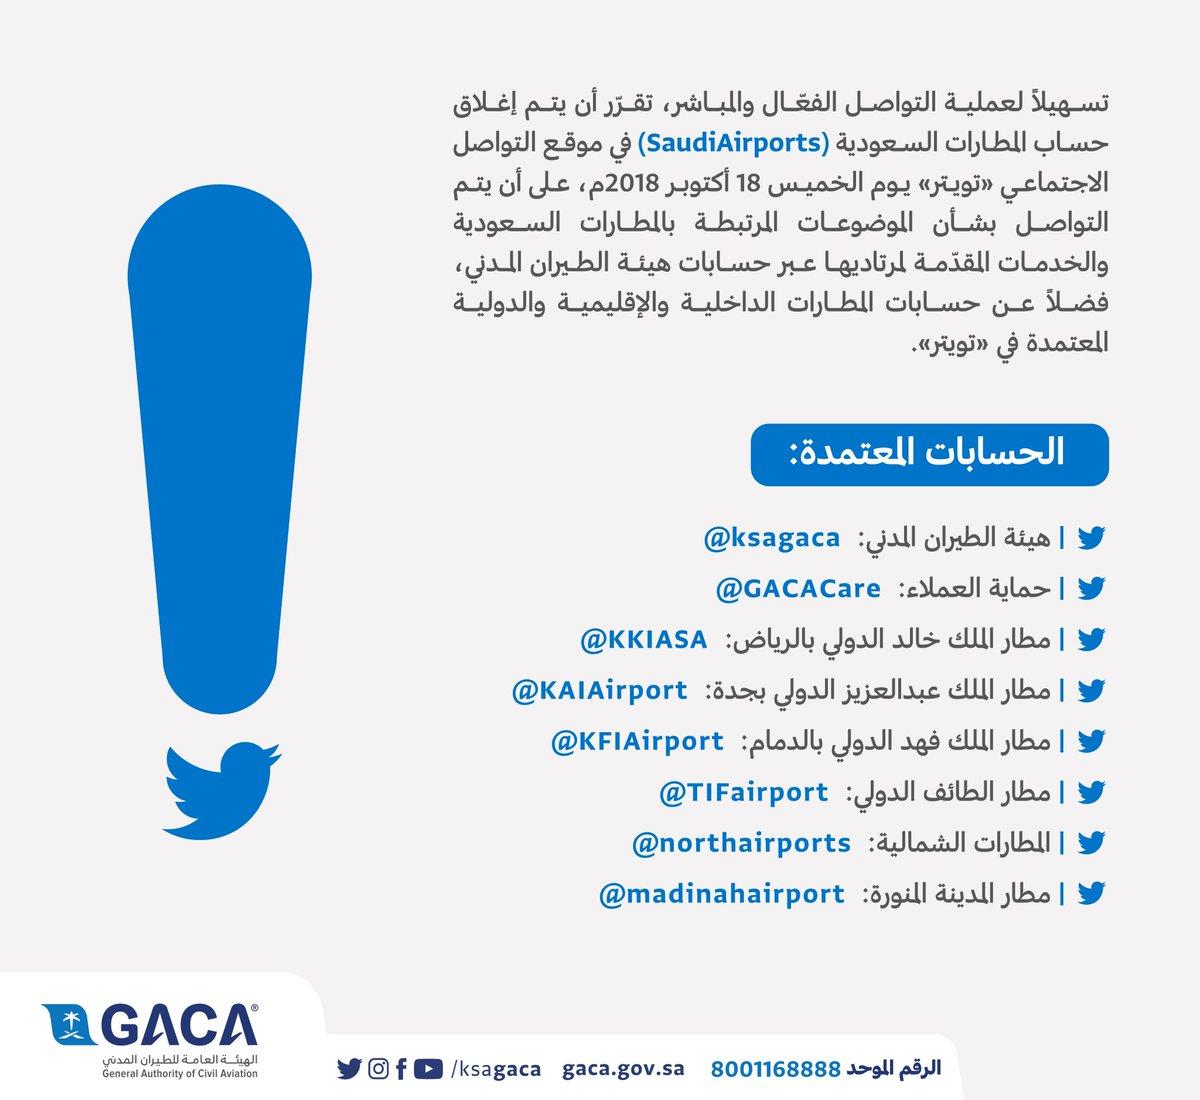 المطارات السعودية Saudiairports Twitter